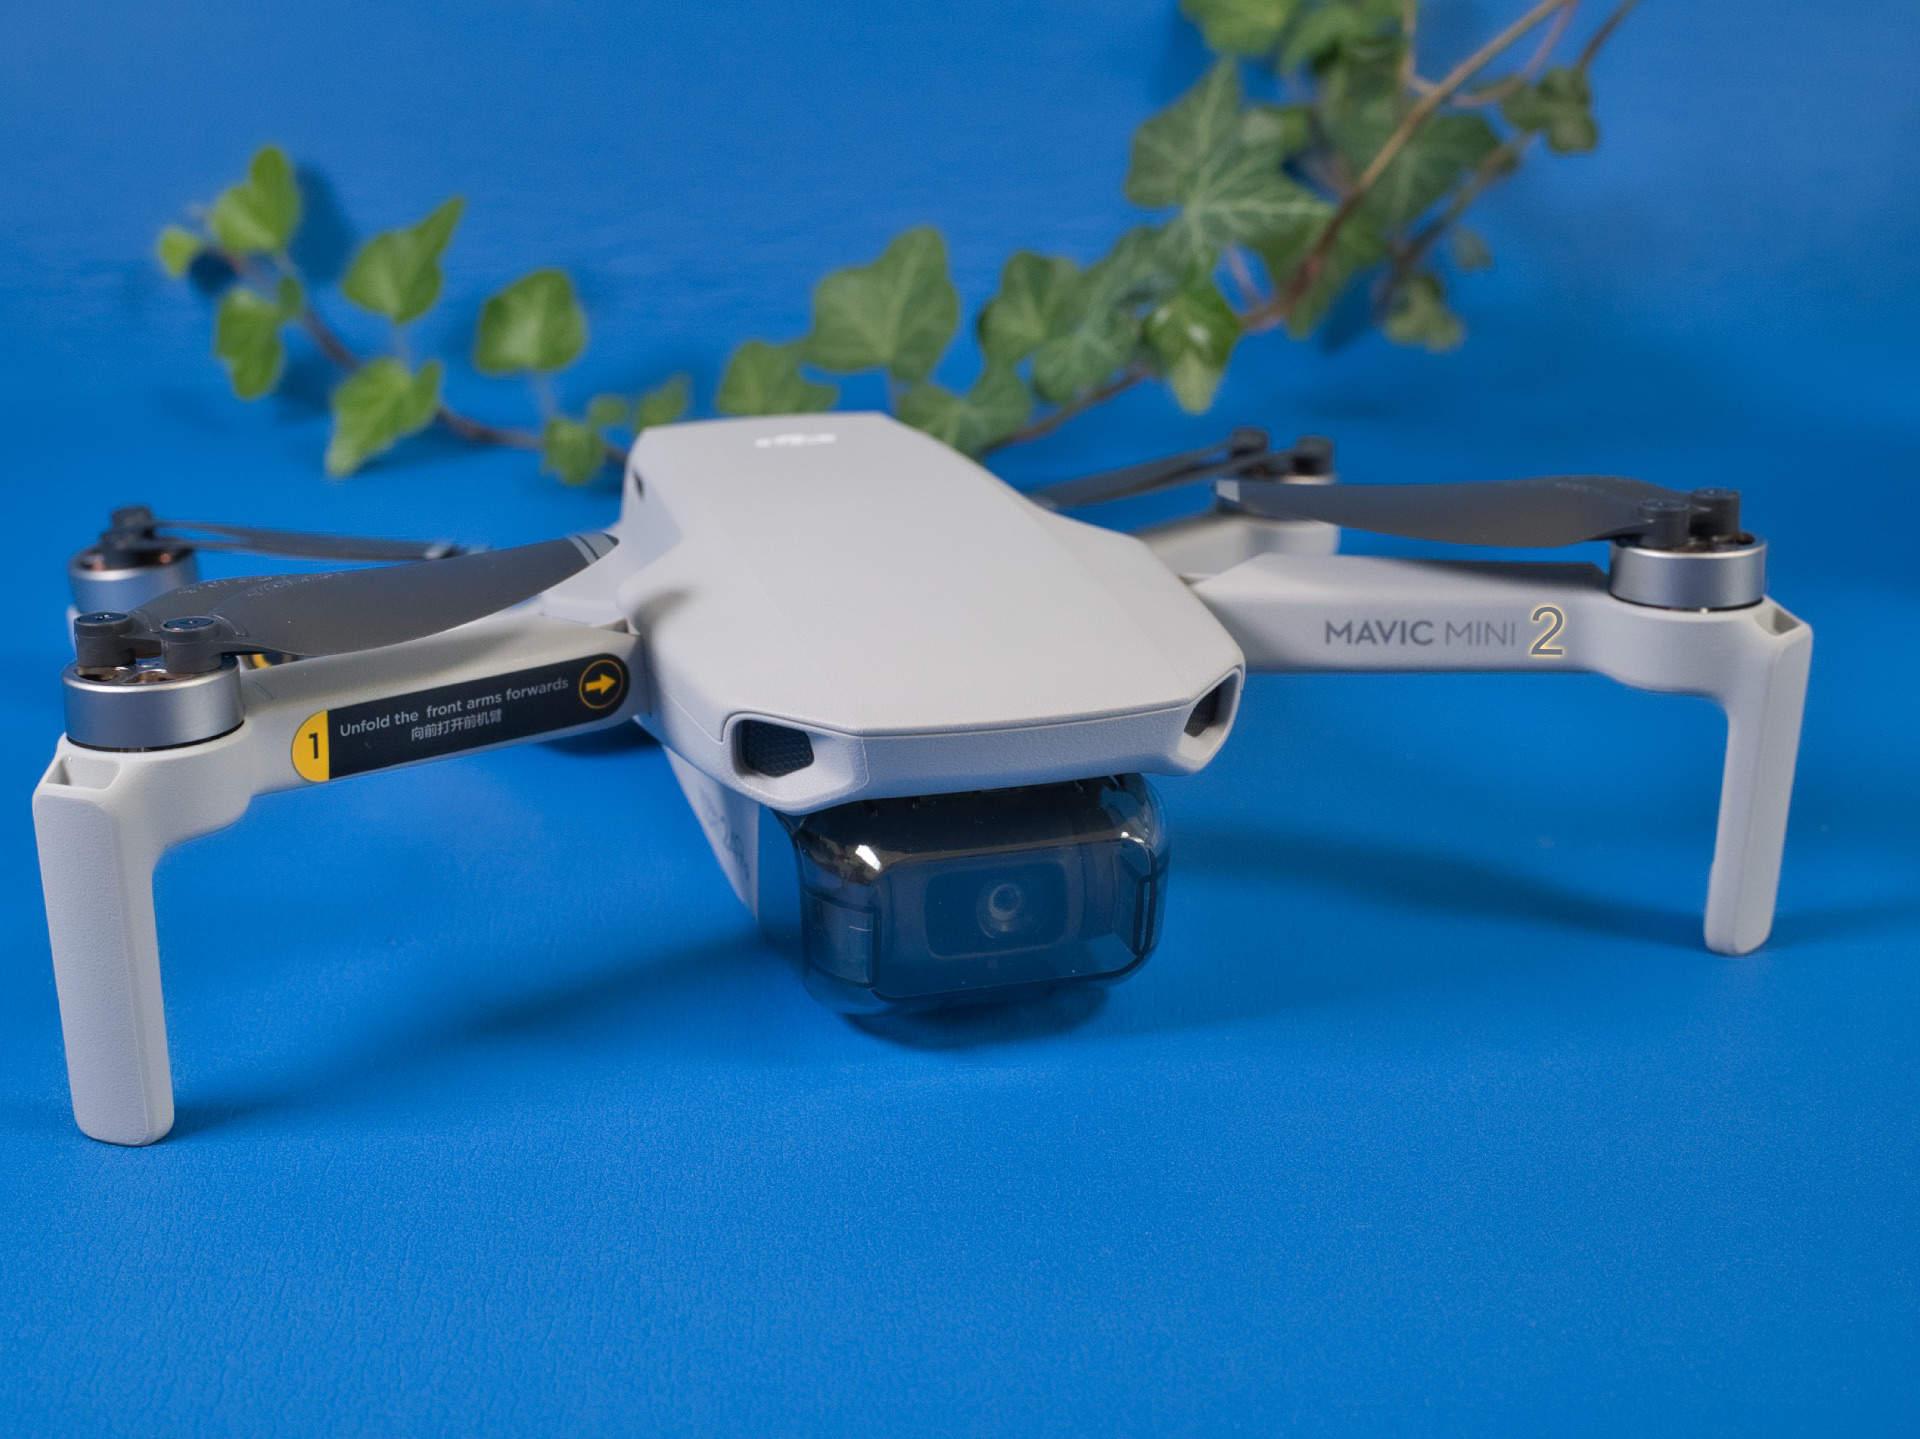 Mavic Mini 2 Drohne Mockup